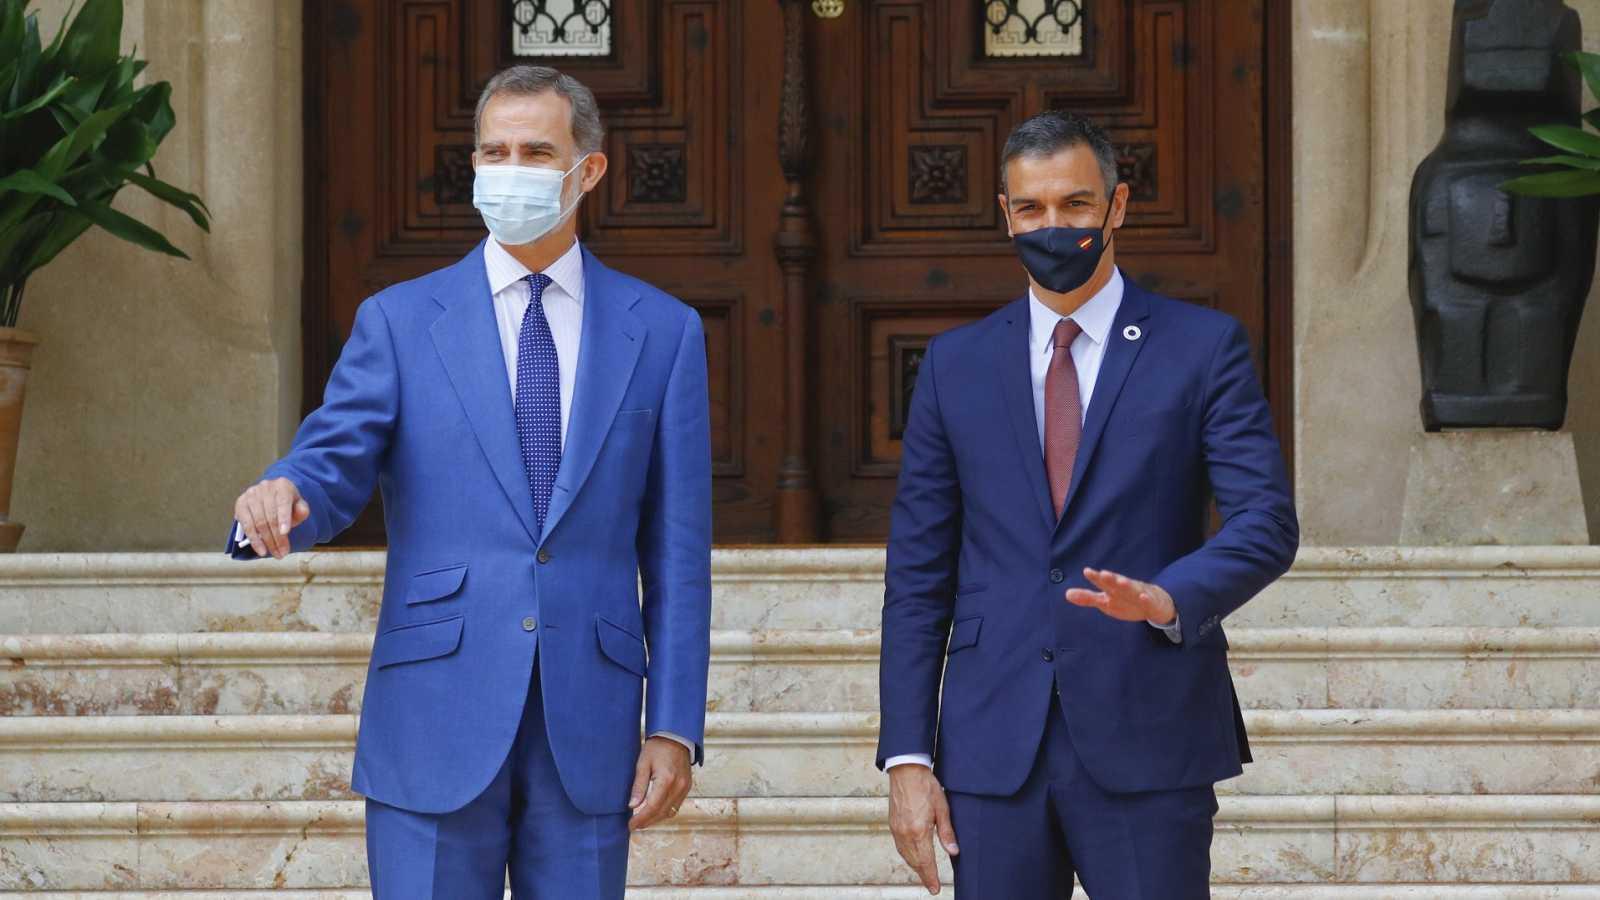 Felipe VI y Sánchez viajarán este viernes a Barcelona tras la polémica de la entrega de despachos